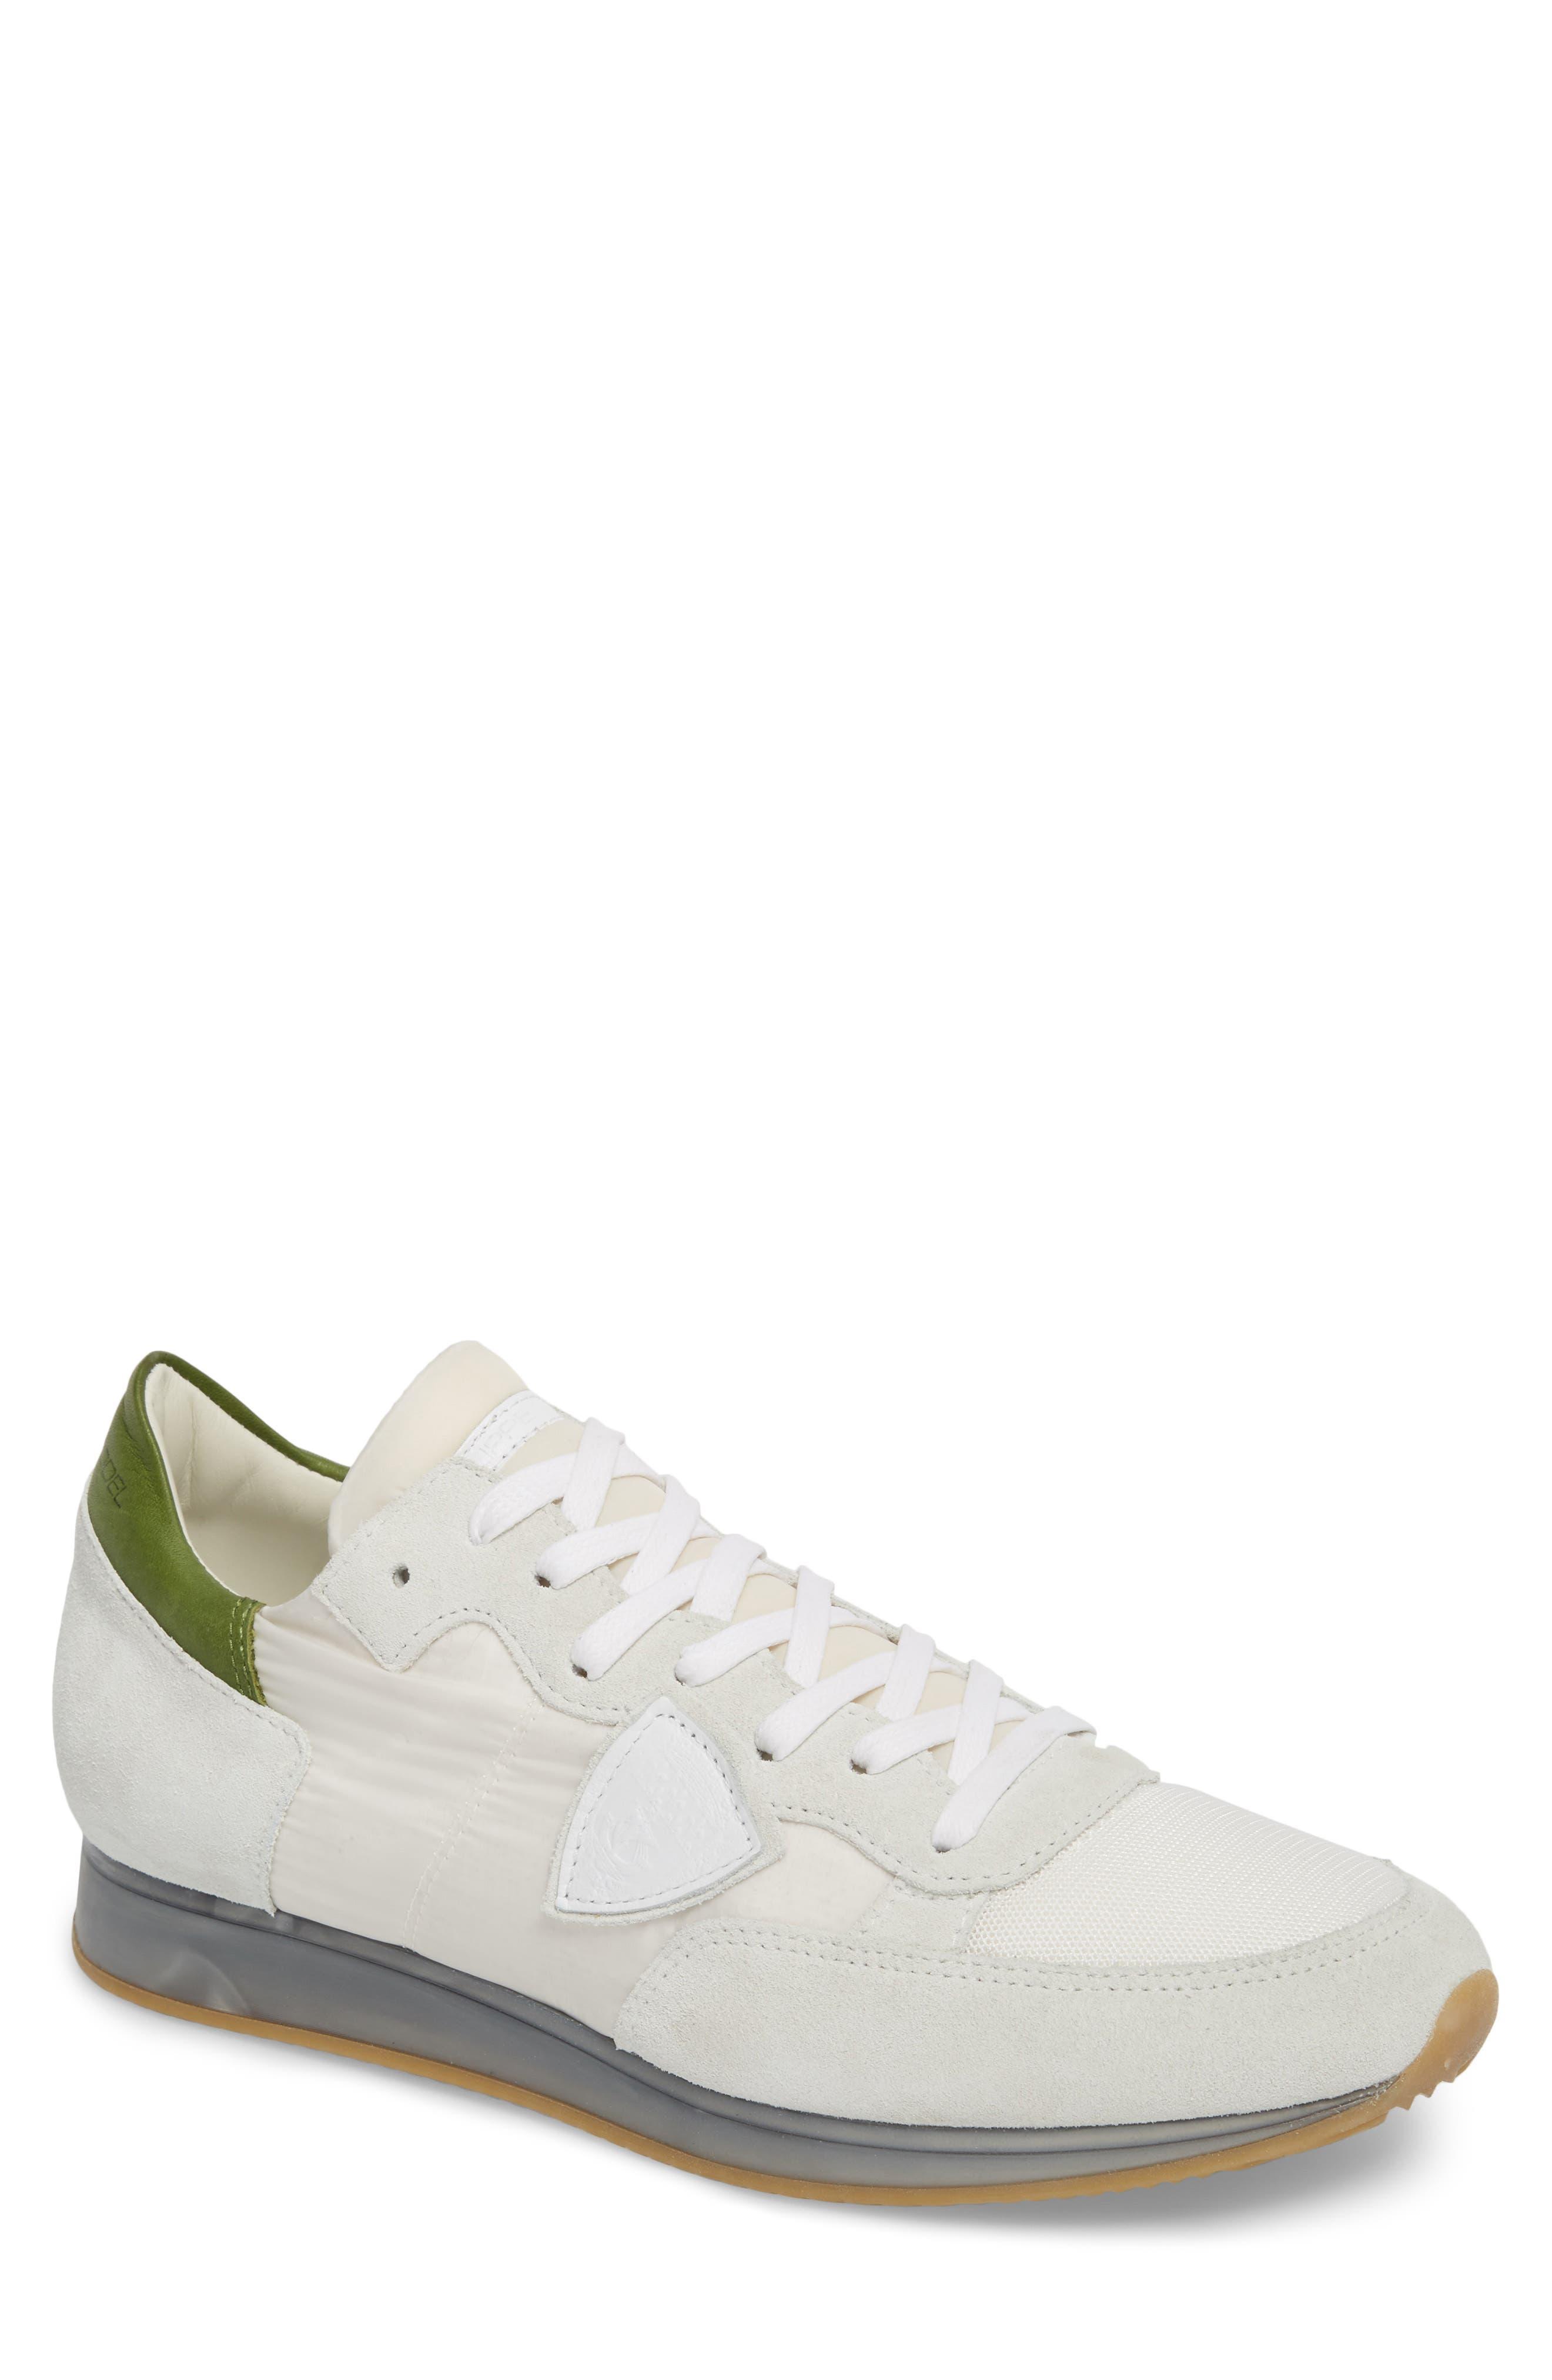 Tropez Sneaker,                             Main thumbnail 1, color,                             120